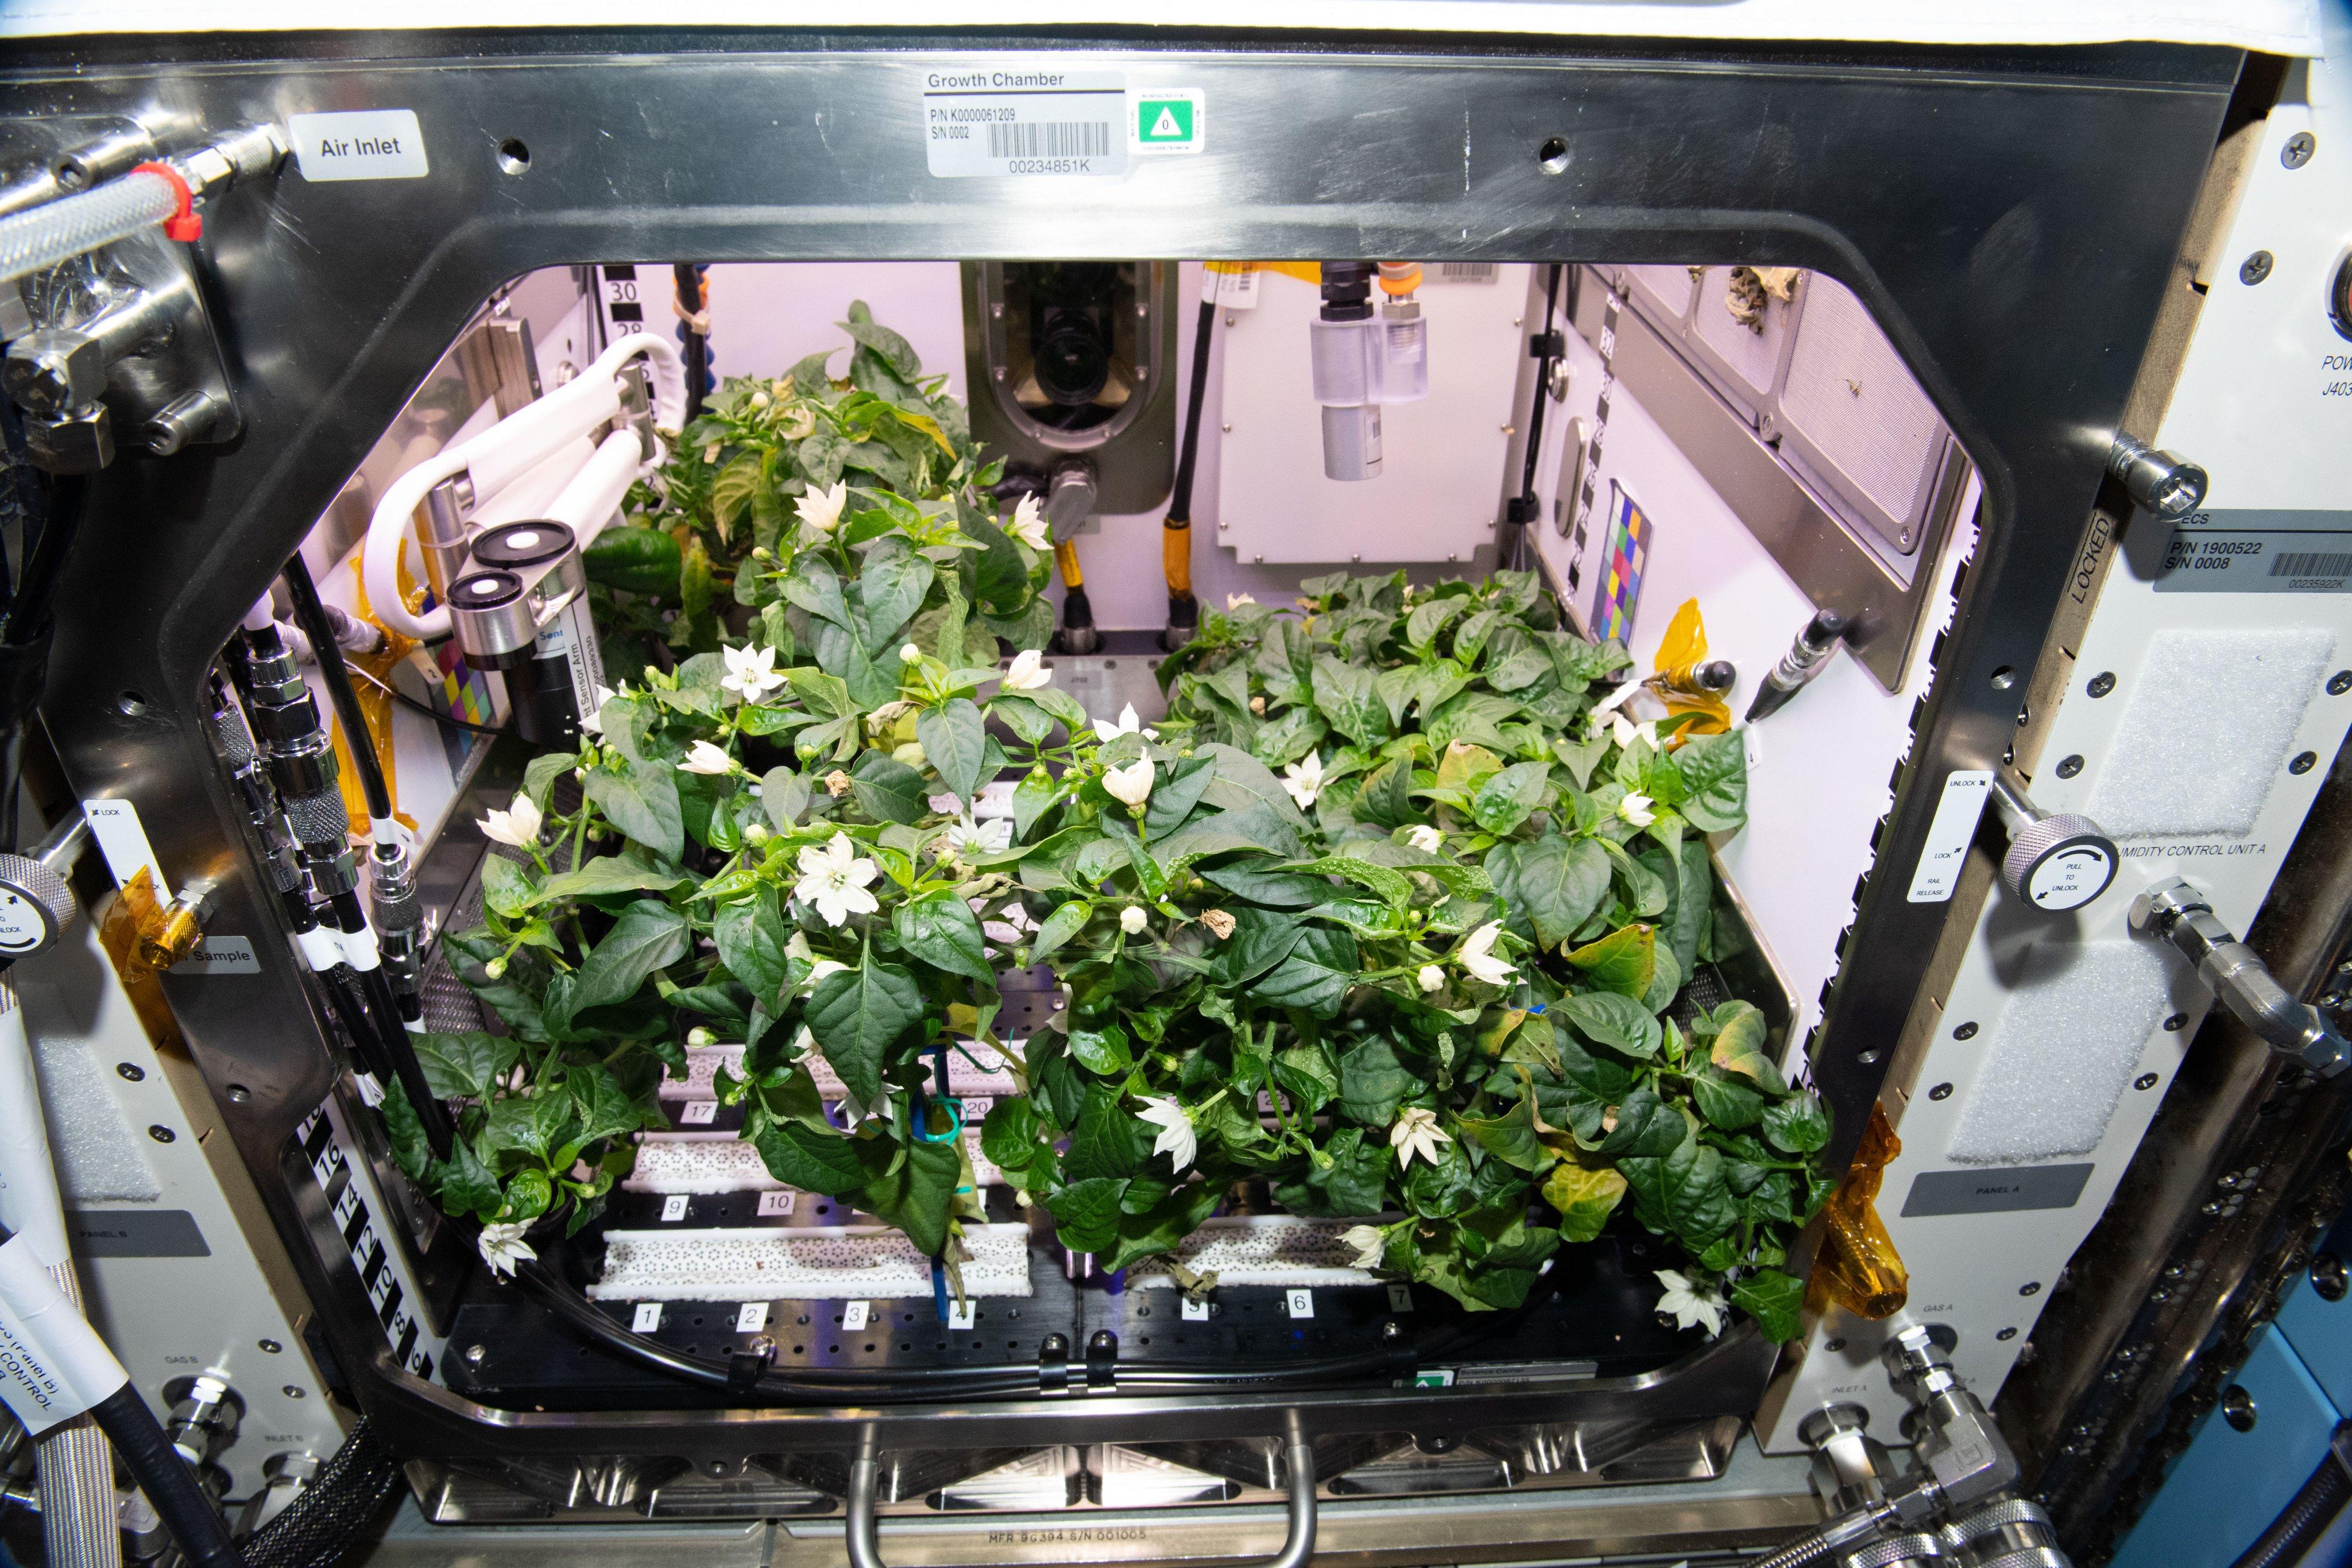 Астронавты впервые вырастили перец чили на борту МКС (фото 1)